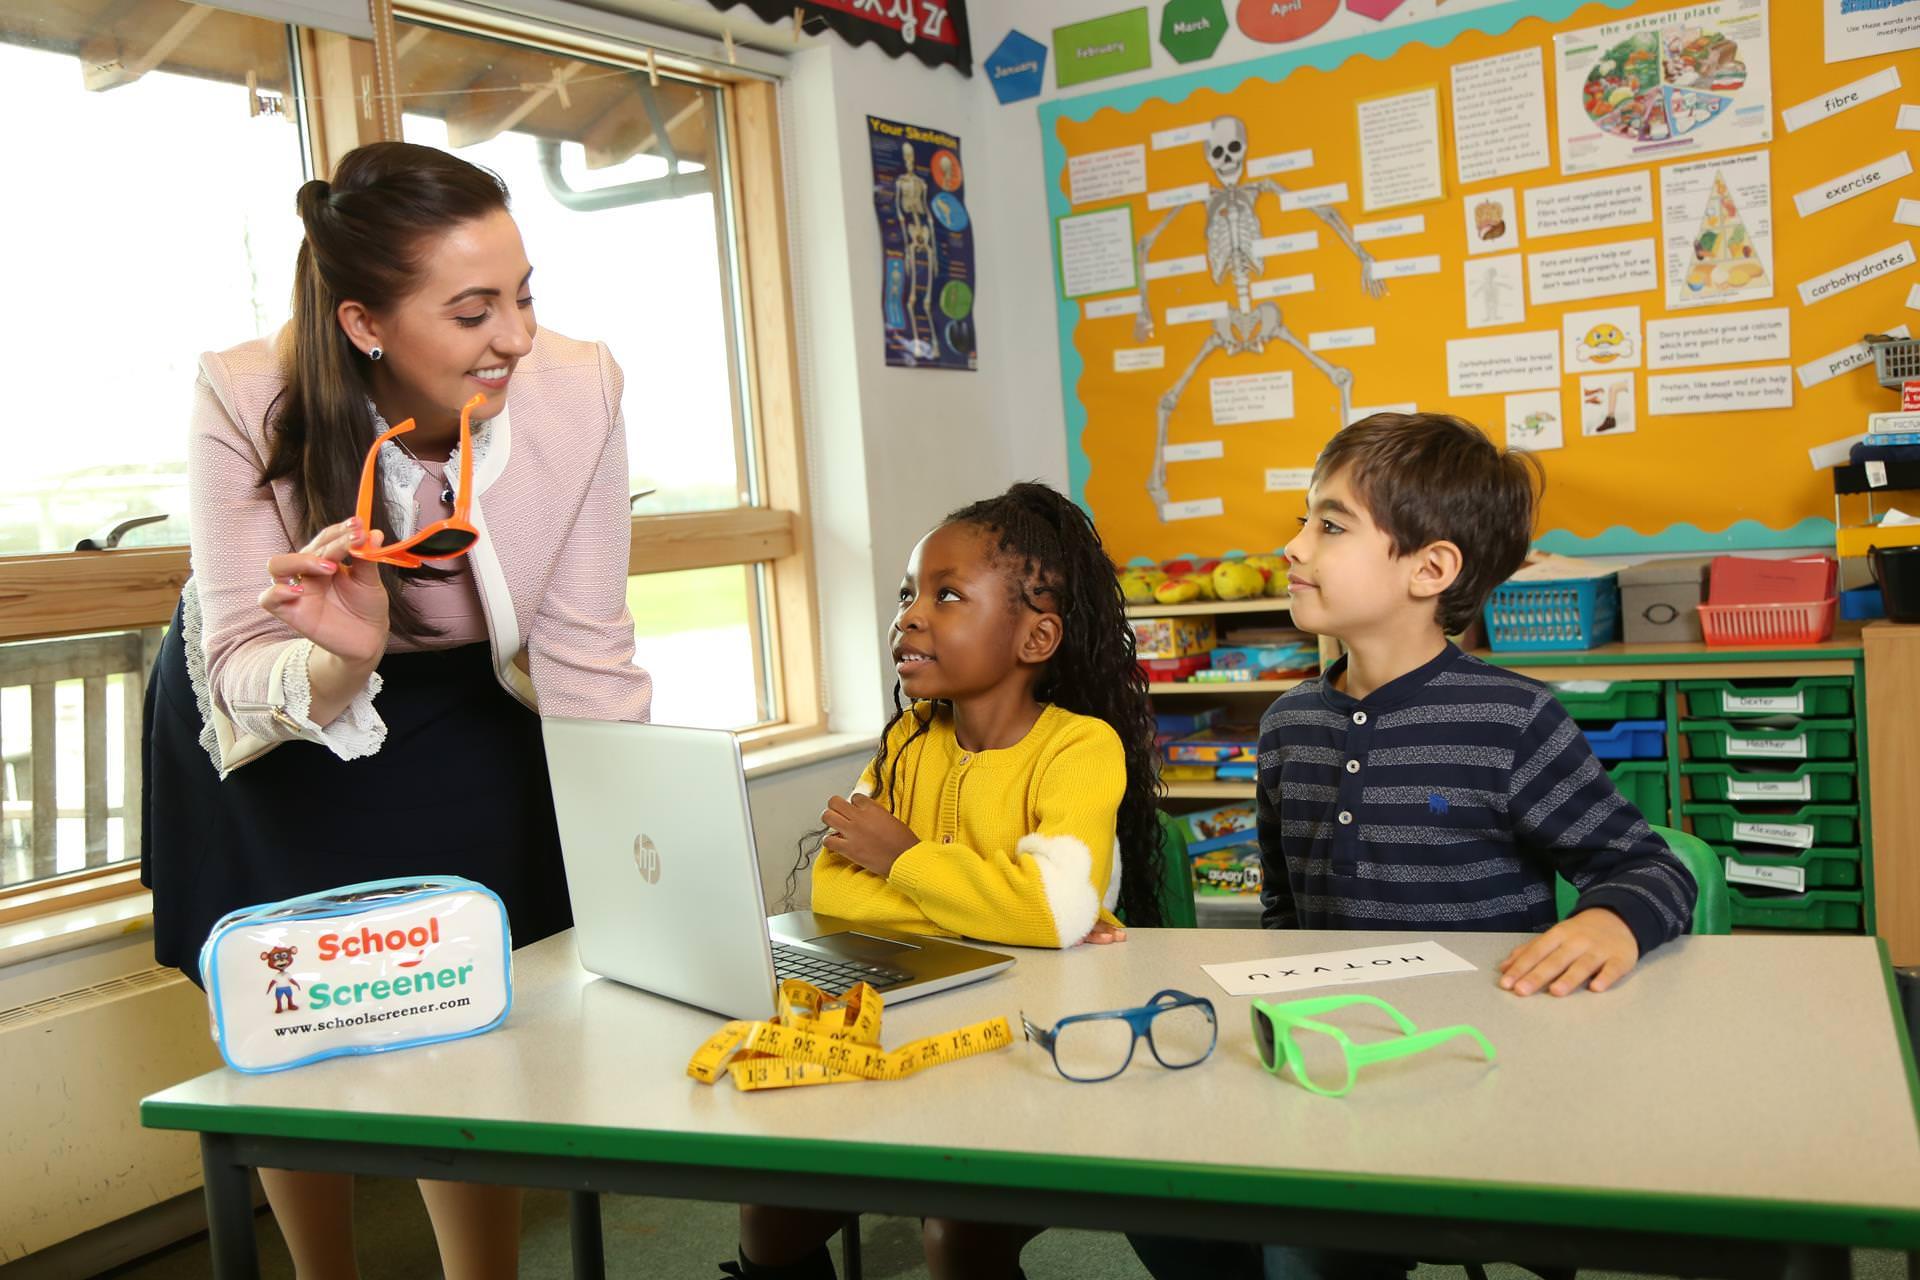 schoolscreener_vision_in_school